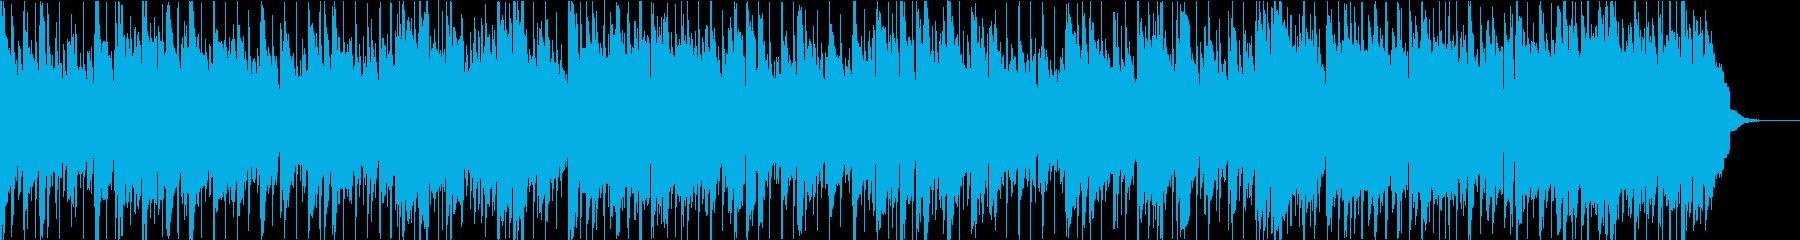 緊張感のあるBGM(メロディ入り)の再生済みの波形